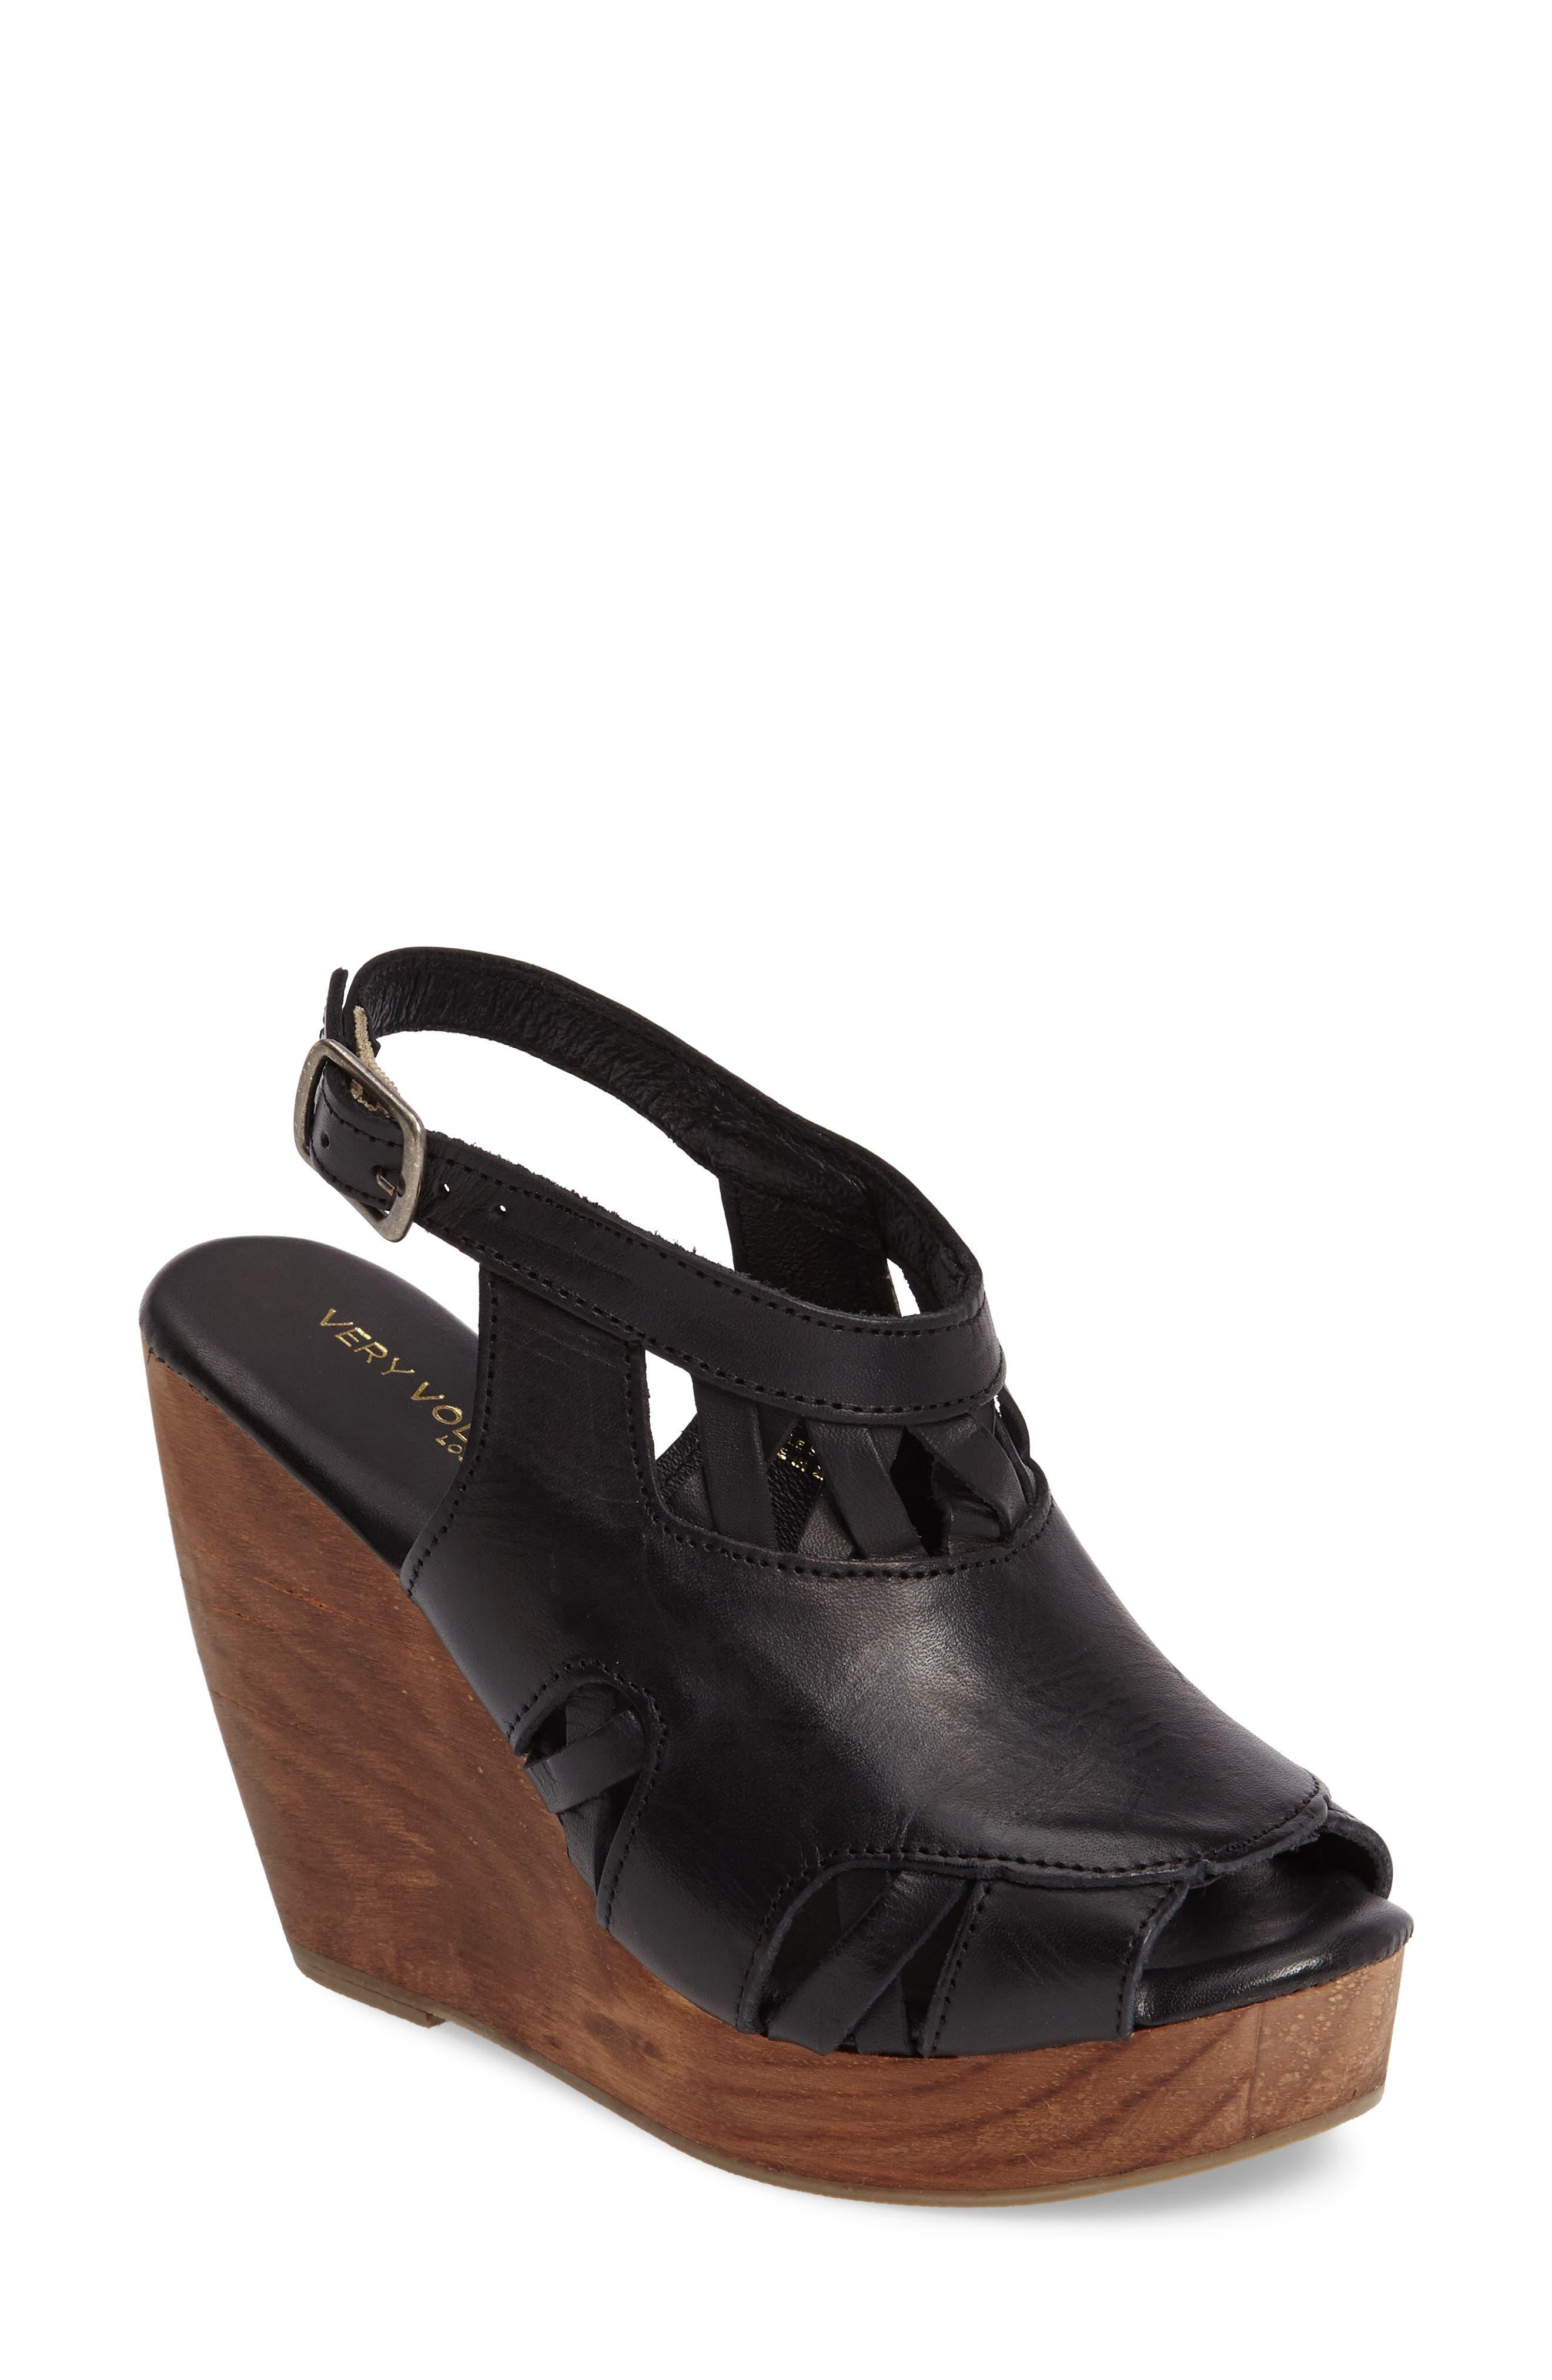 Sloane Platform Wedge Sandal,                             Main thumbnail 1, color,